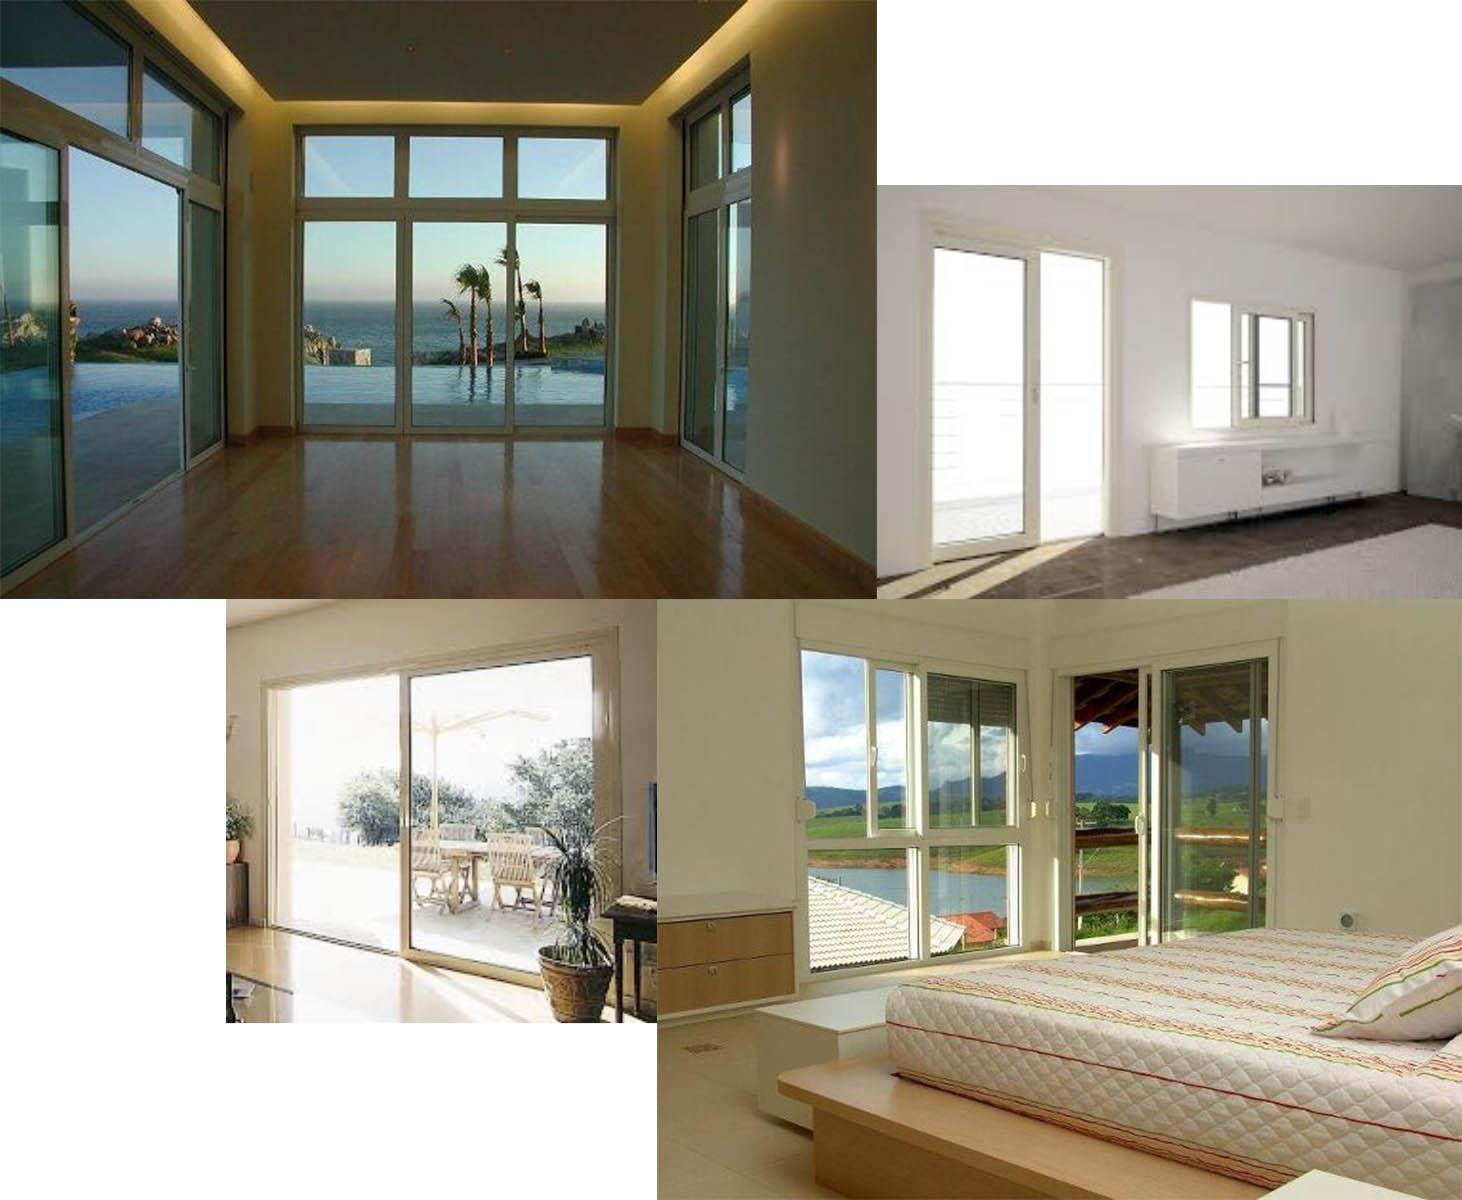 Sistema corredera de PVC para ventanas y puertas Premiline. Aluminios F. Quiros.